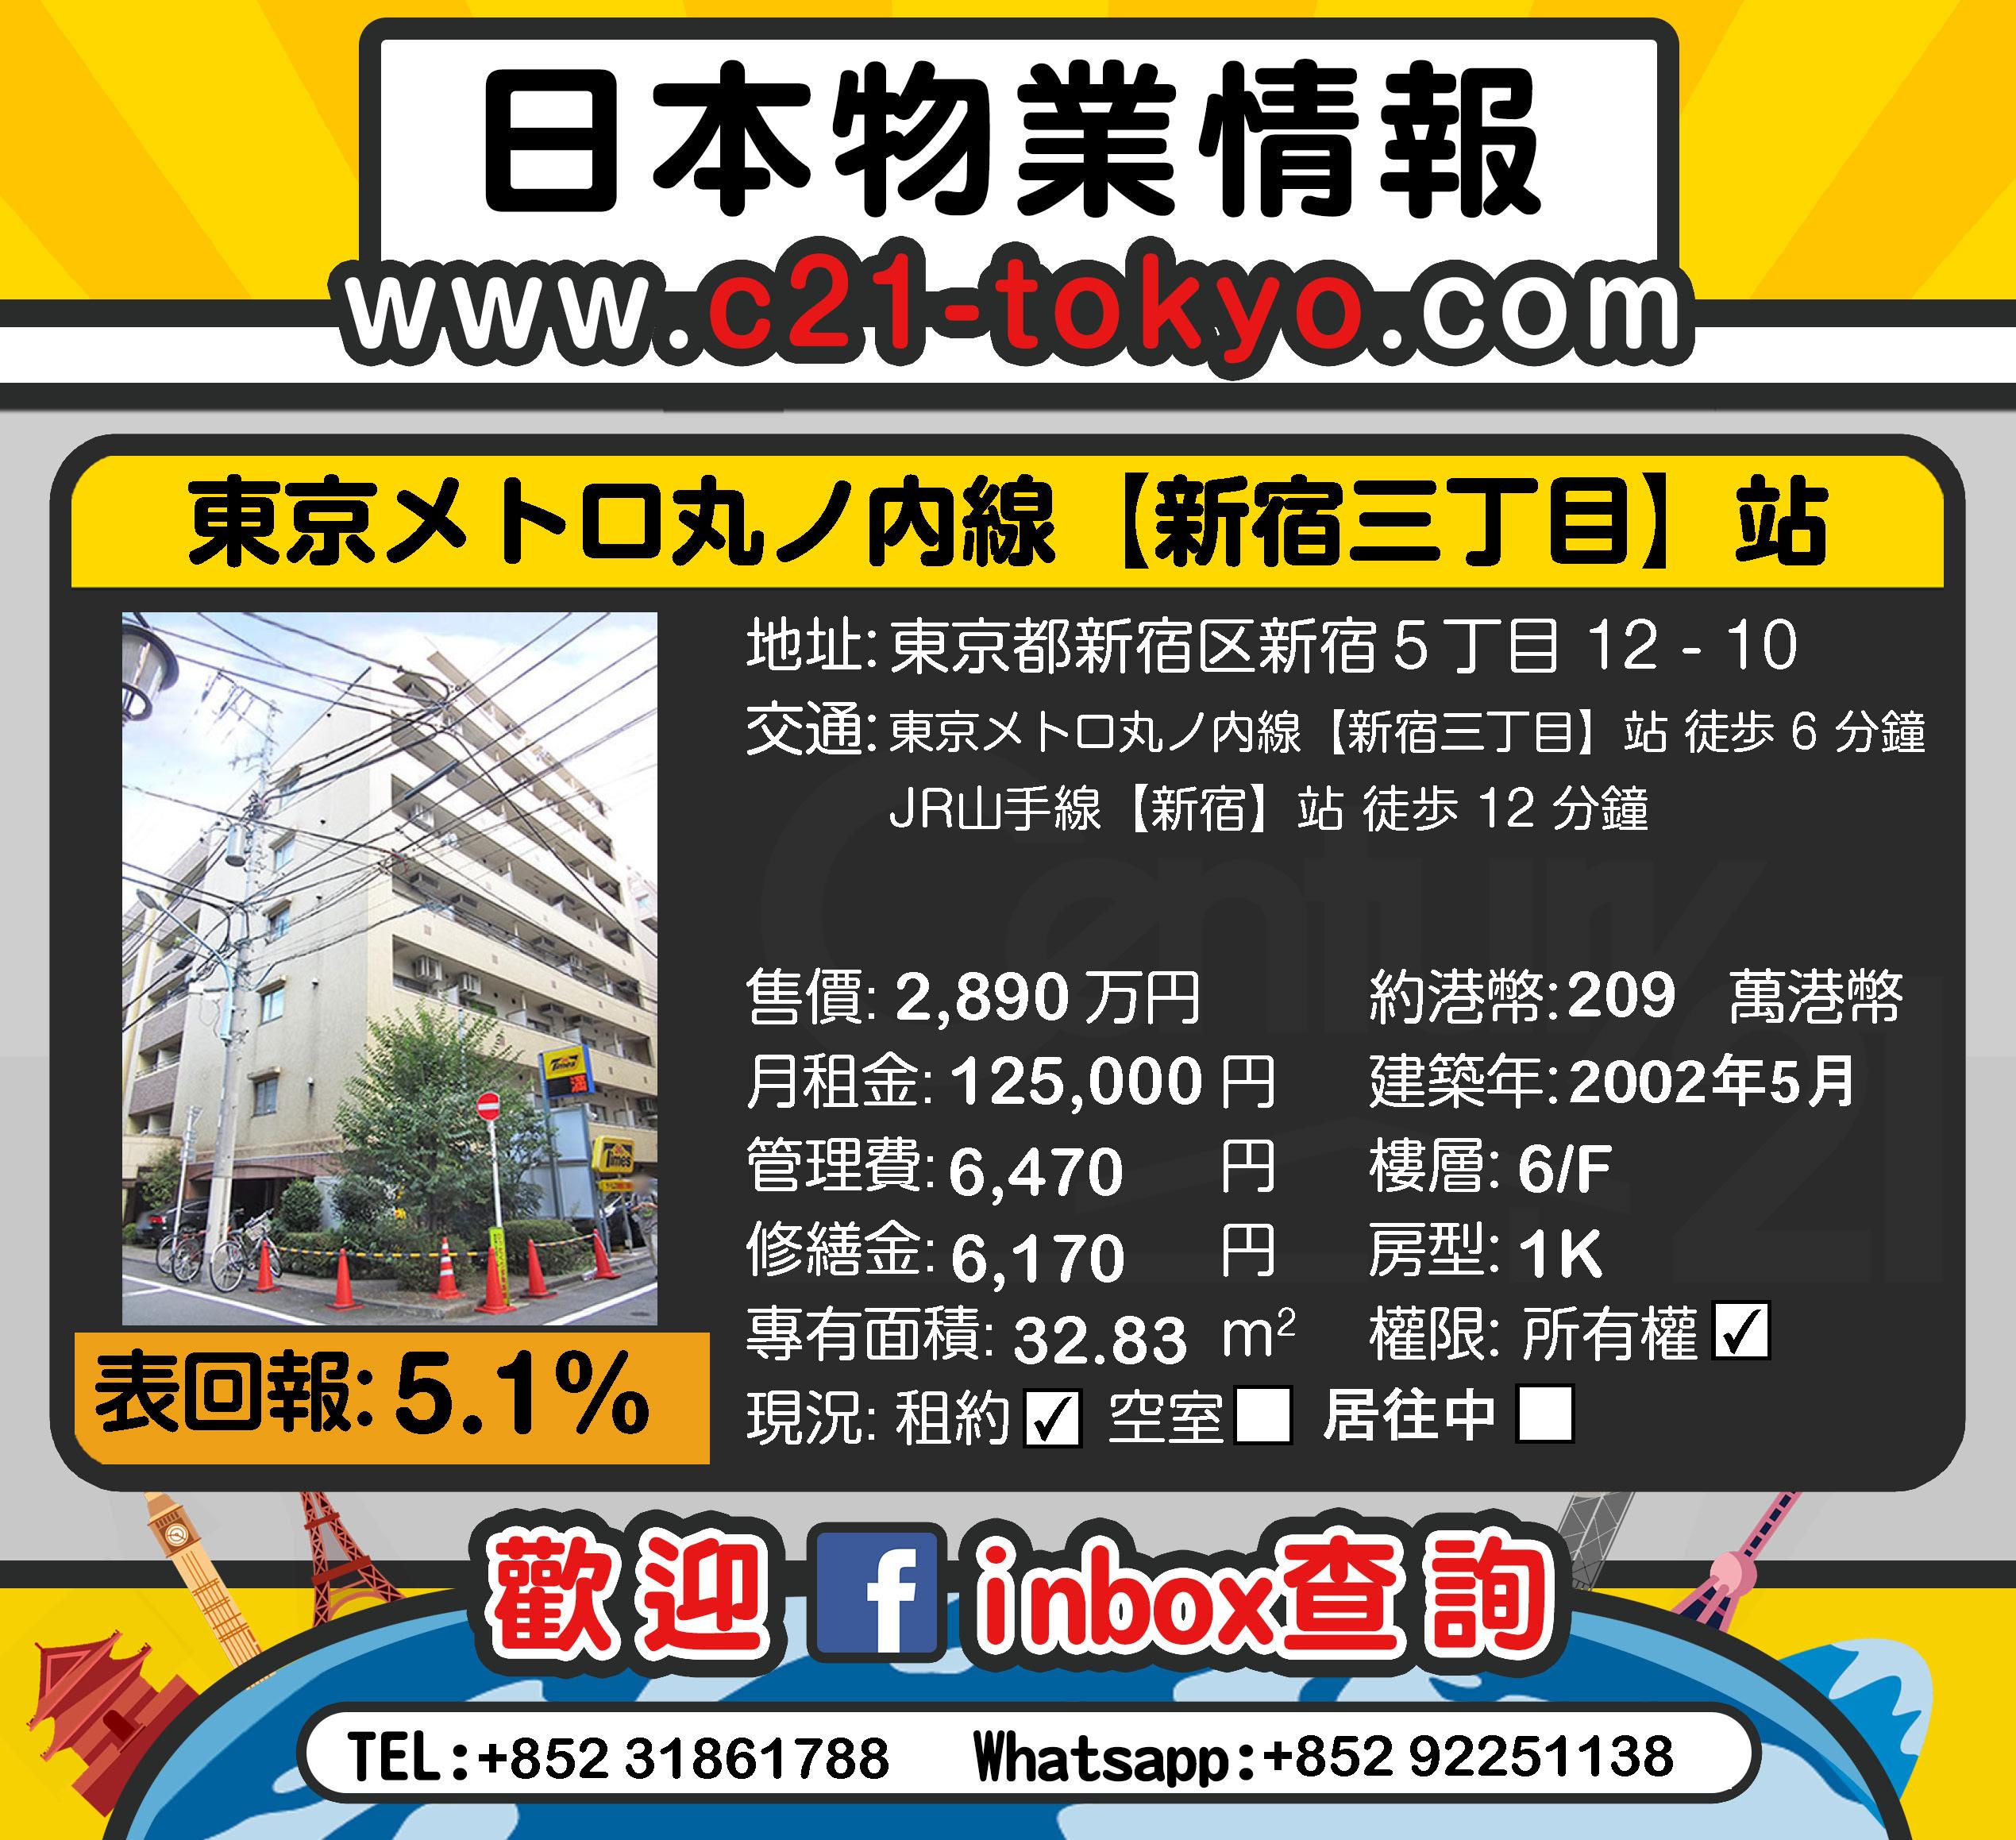 (繁中) 東京メトロ丸ノ内線【新宿三丁目】站